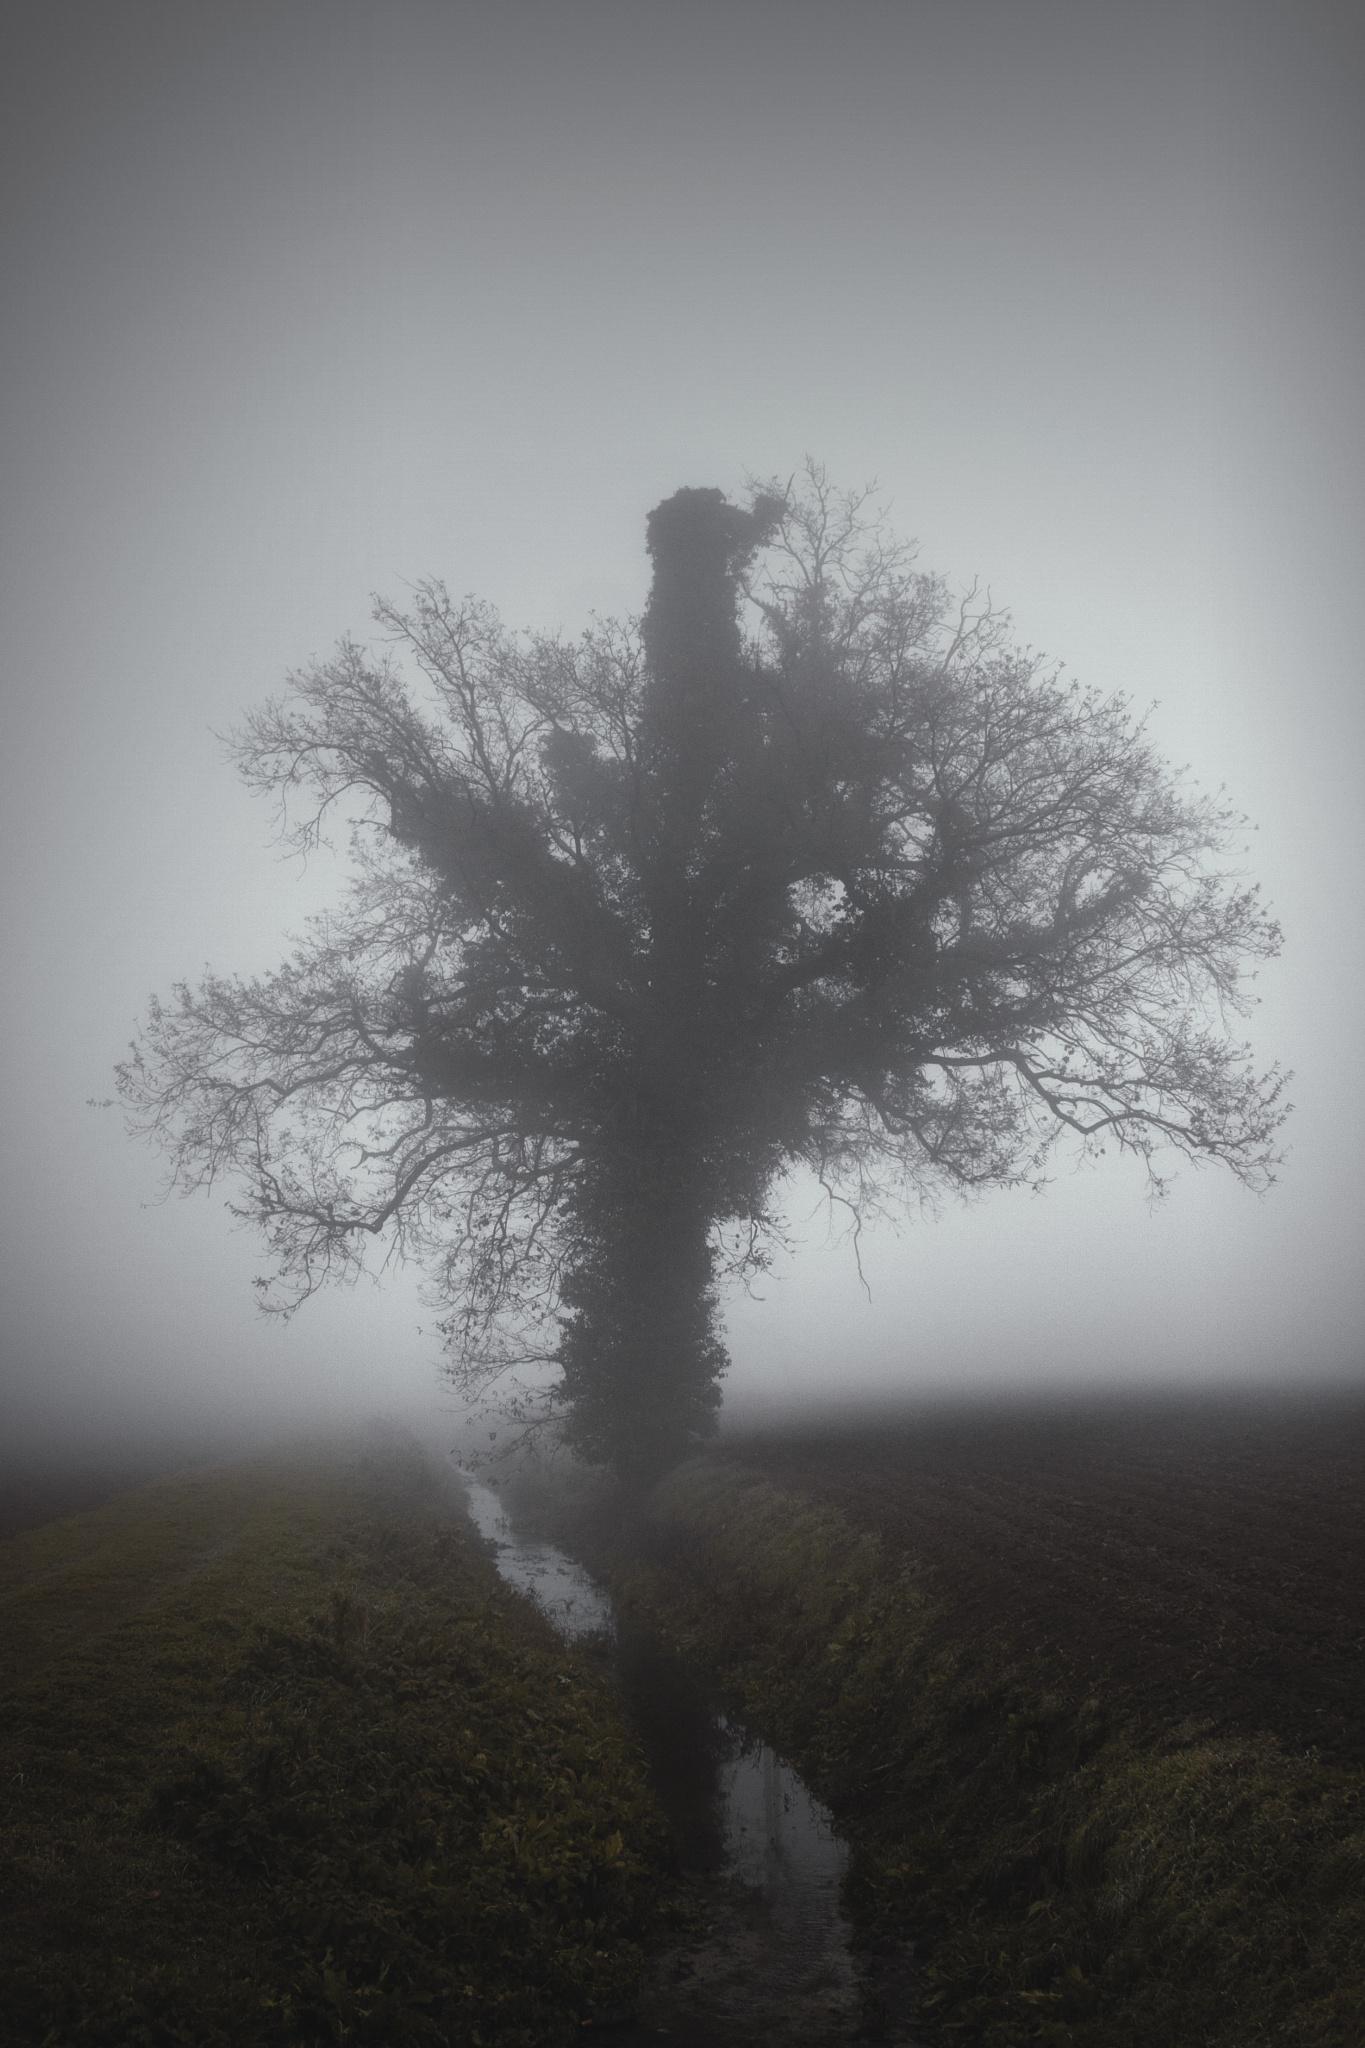 Misty Tree by Vasco Maverick Polenghi